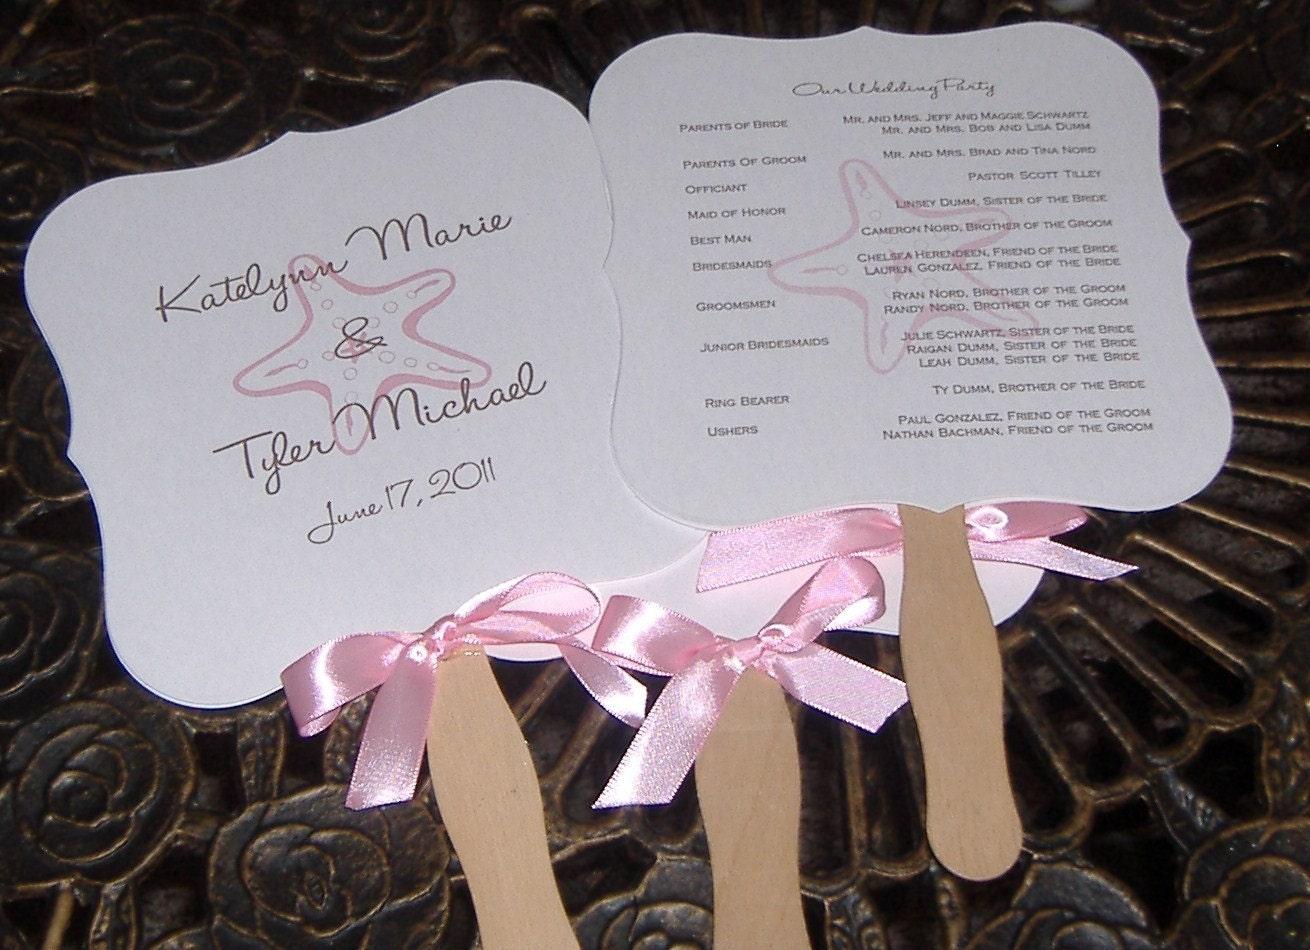 Wedding program fans custom order for crista by wreathartist